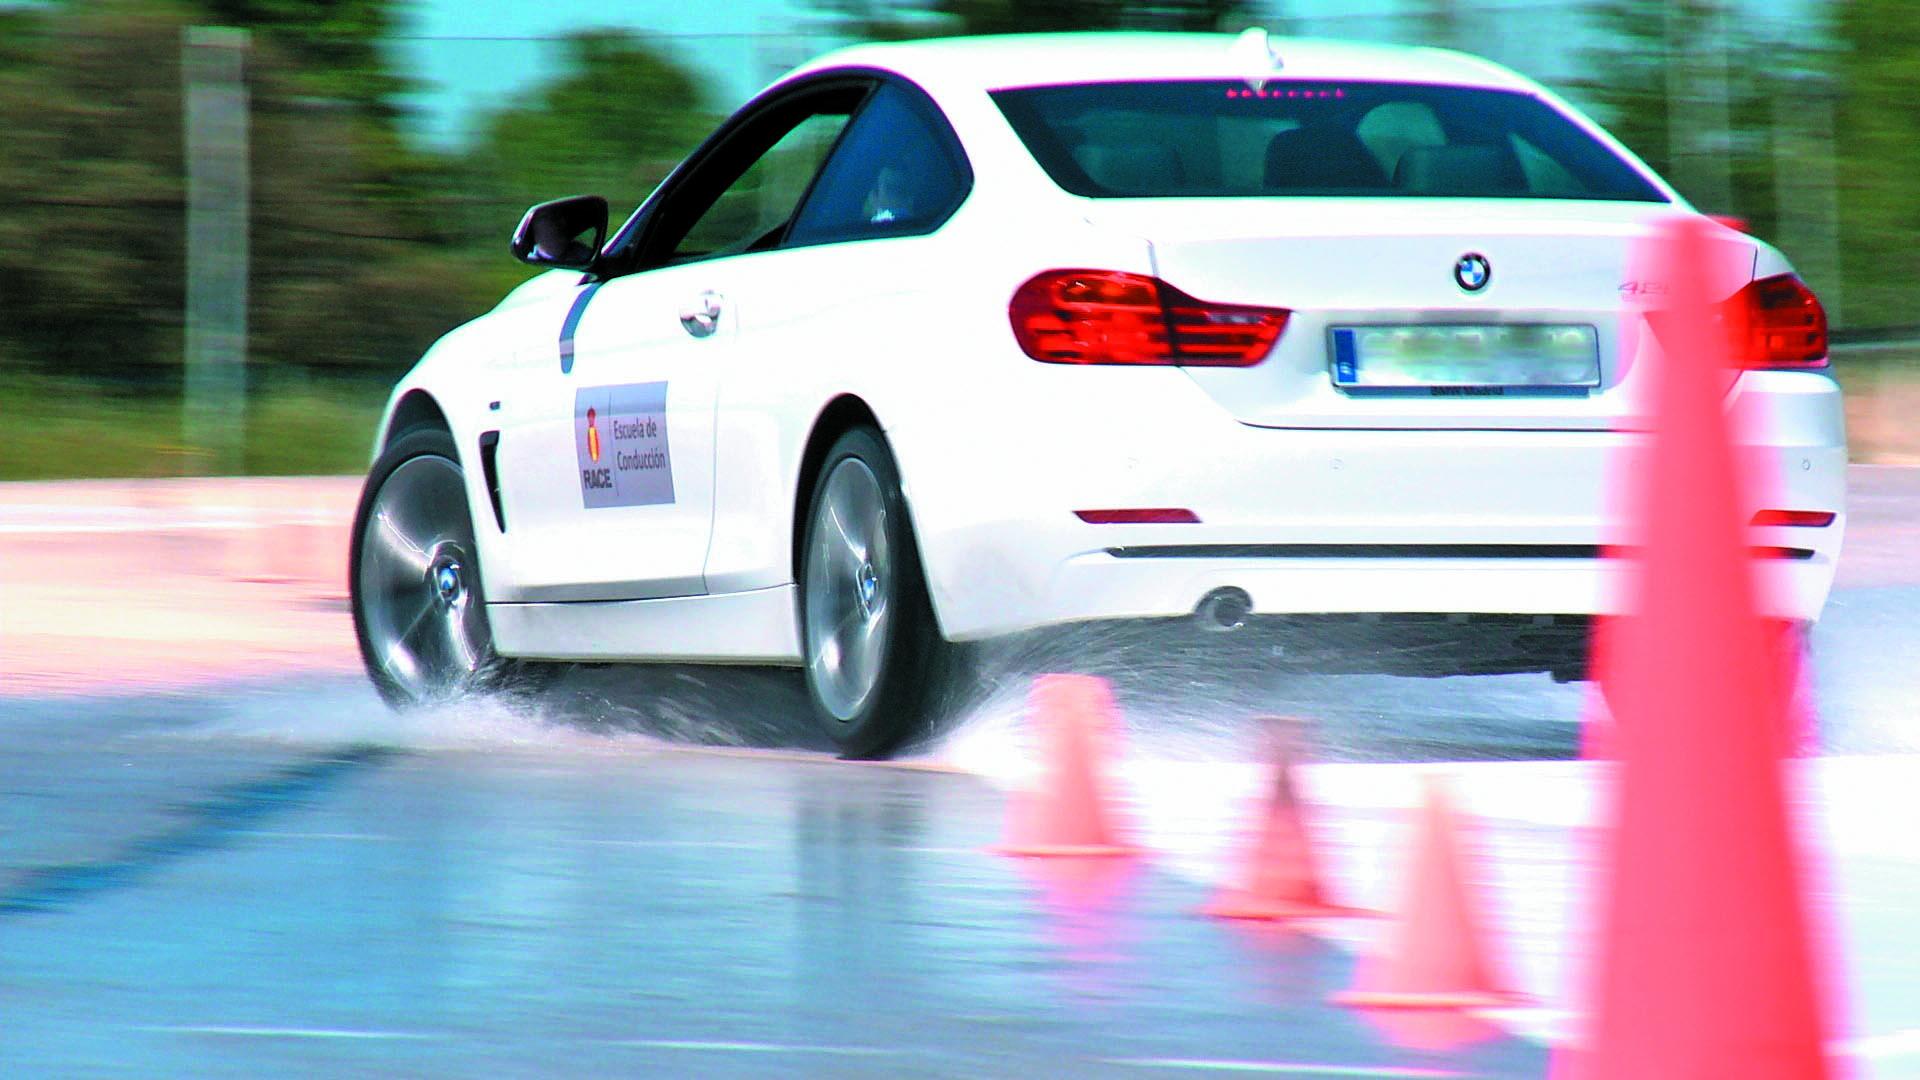 ¿Interesan los cursos de perfeccionamiento de la conducción?